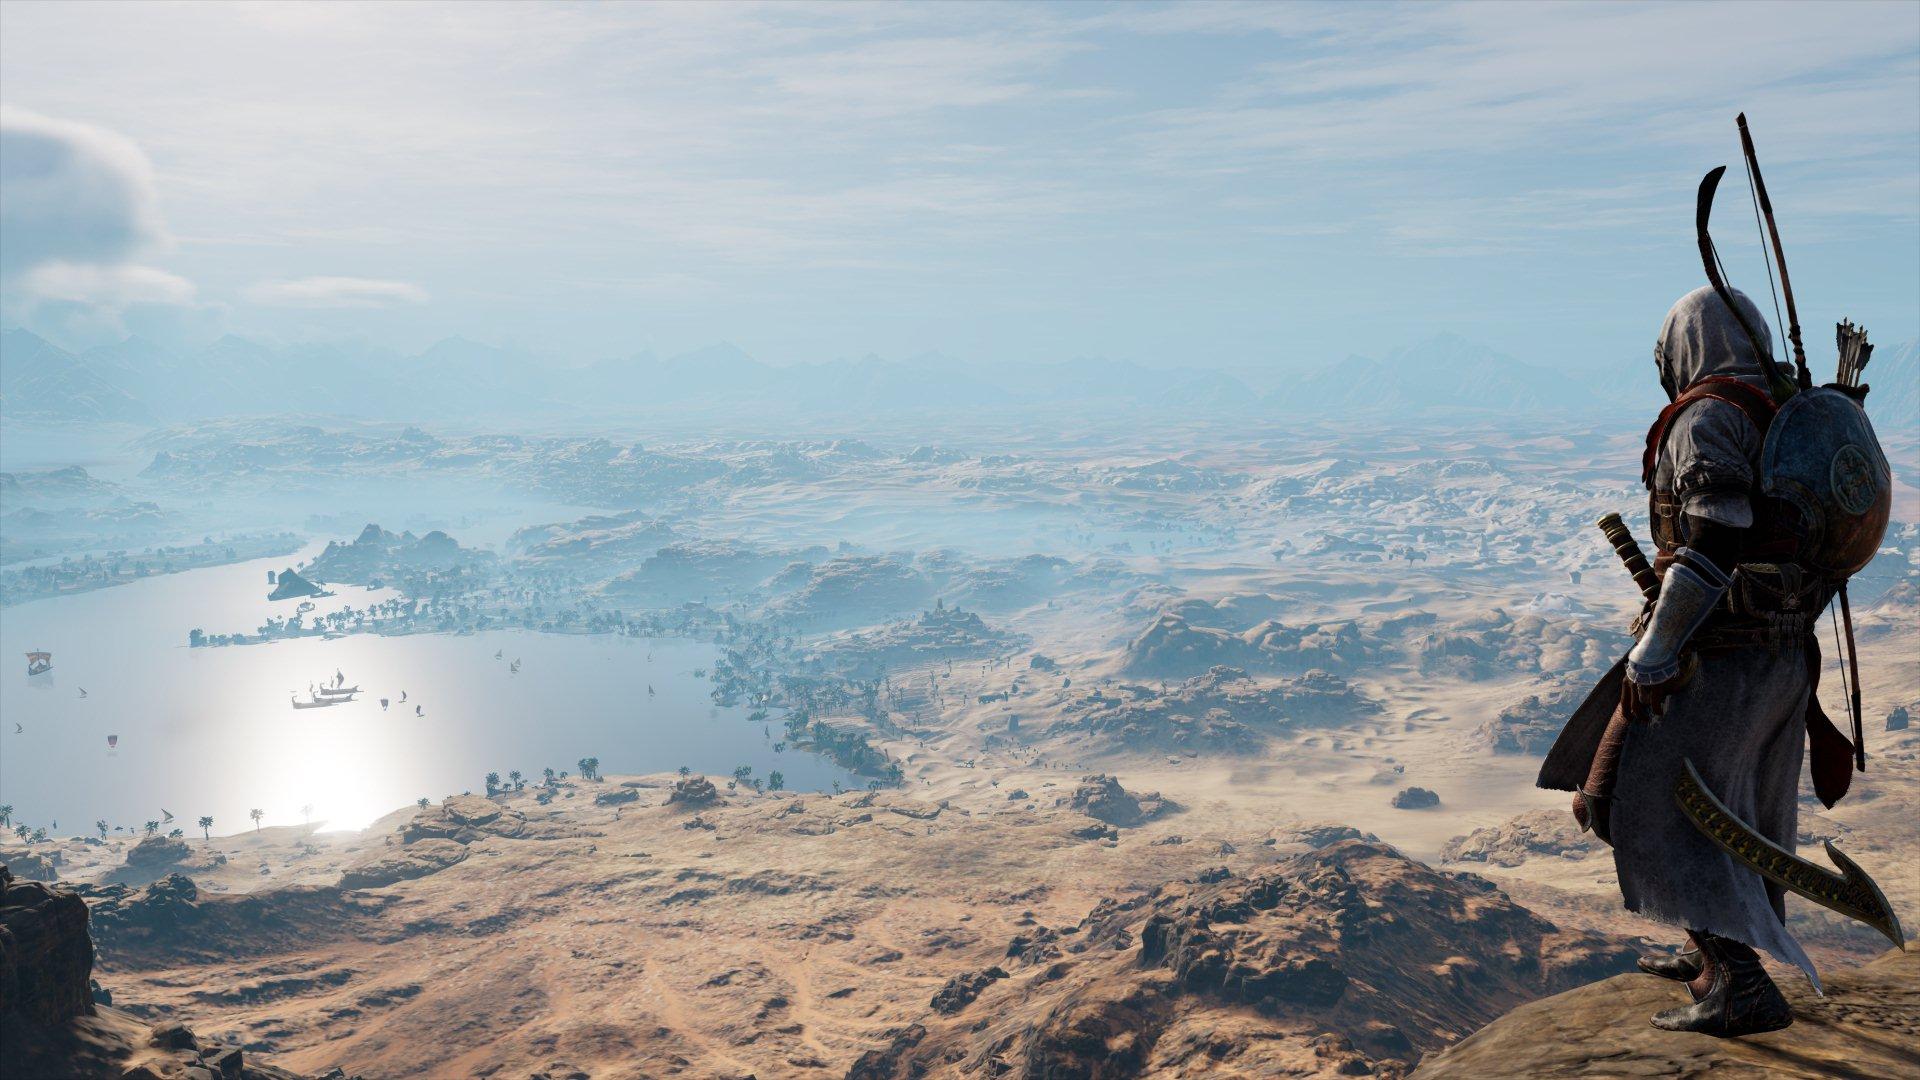 20180217215141.jpg - Assassin's Creed: Origins